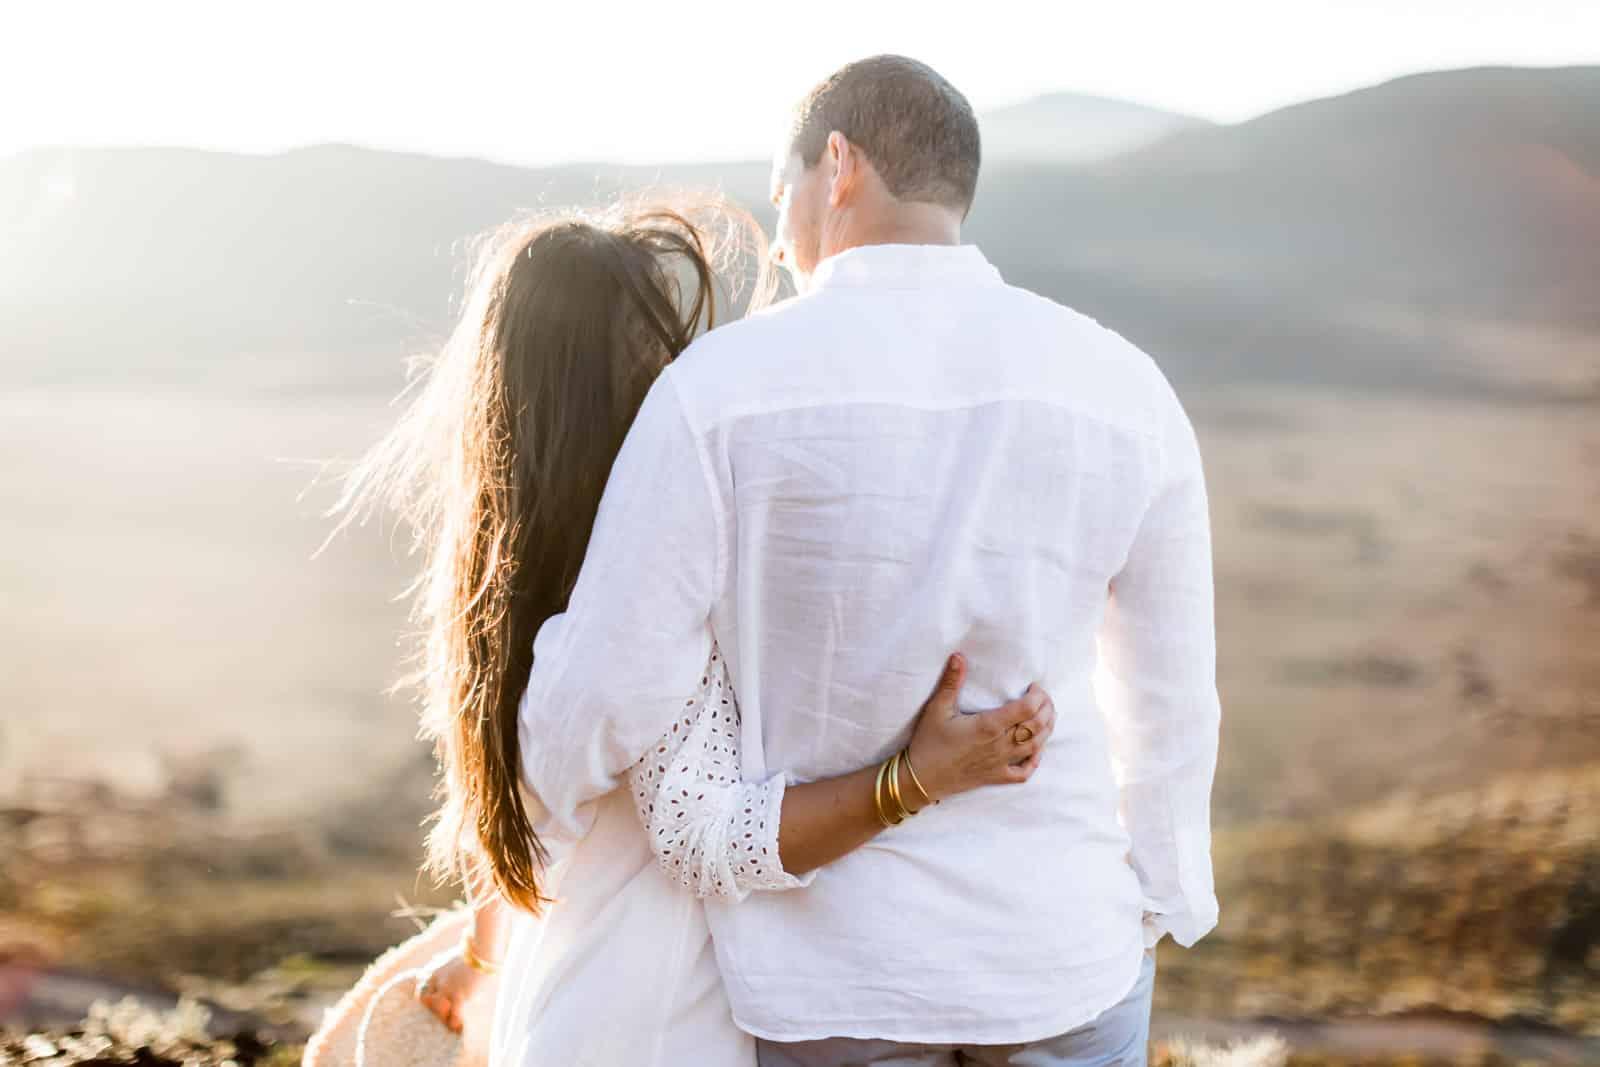 Photographie de Mathieu Dété, photographe de mariage et famille à Saint-Gilles sur l'île de la Réunion 974, présentant un couple enlacé par la taille au lever du soleil en contre-jour durant une séance couple